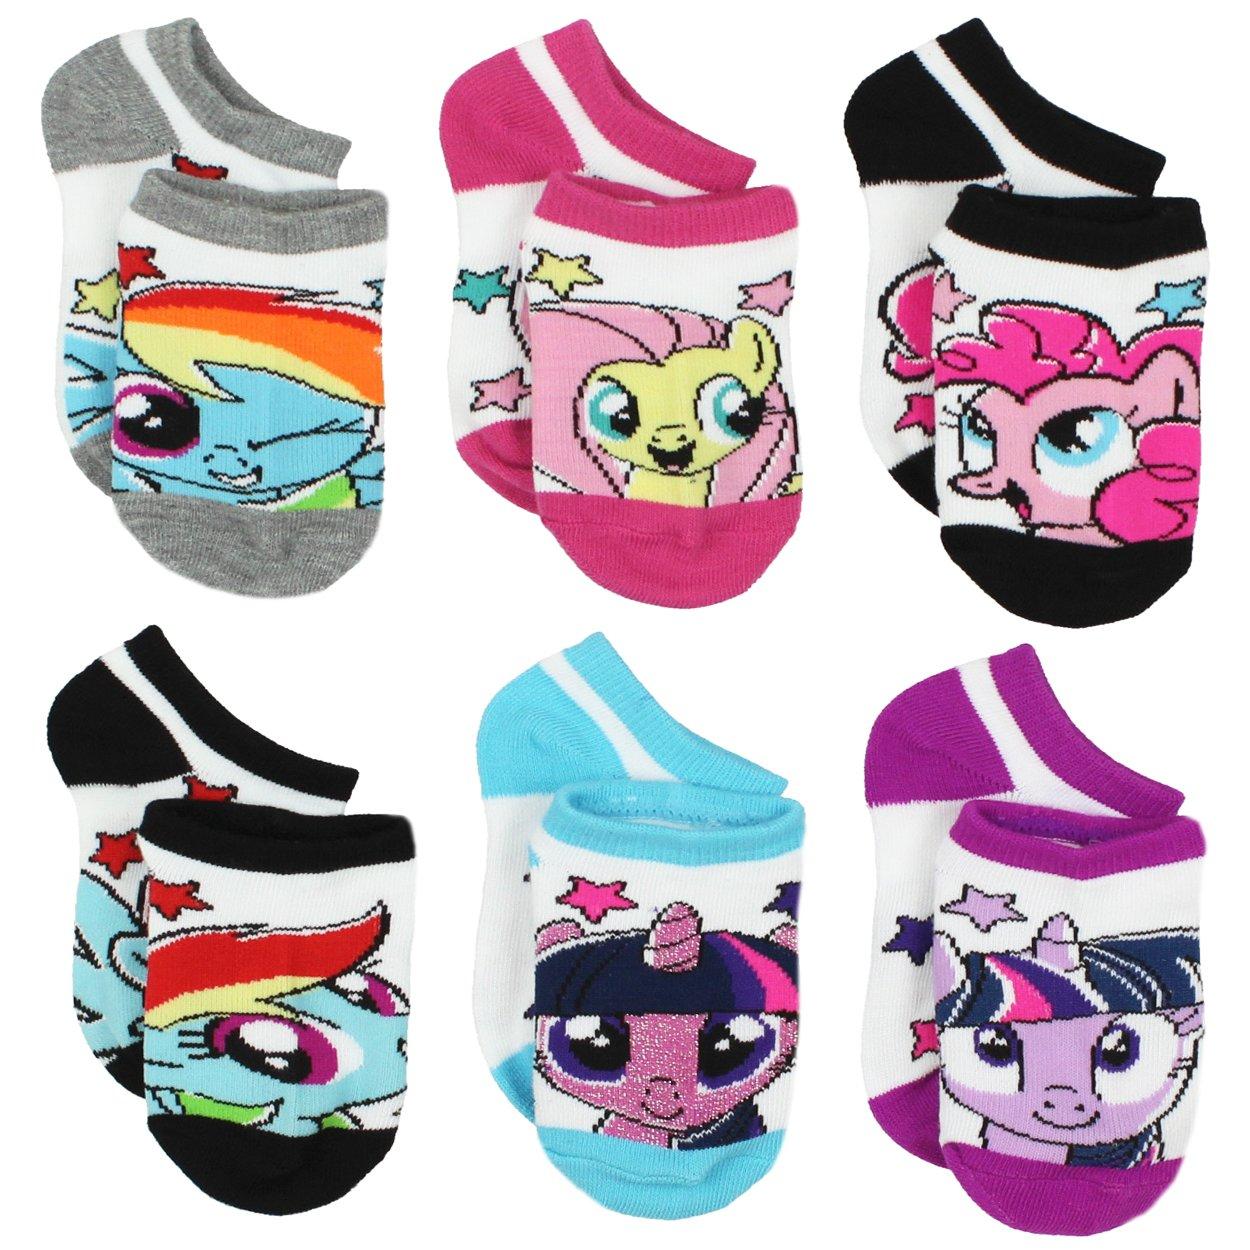 My Little Pony Girls 6 pack Socks (Toddler/Little Kid/Big Kid/Teen)